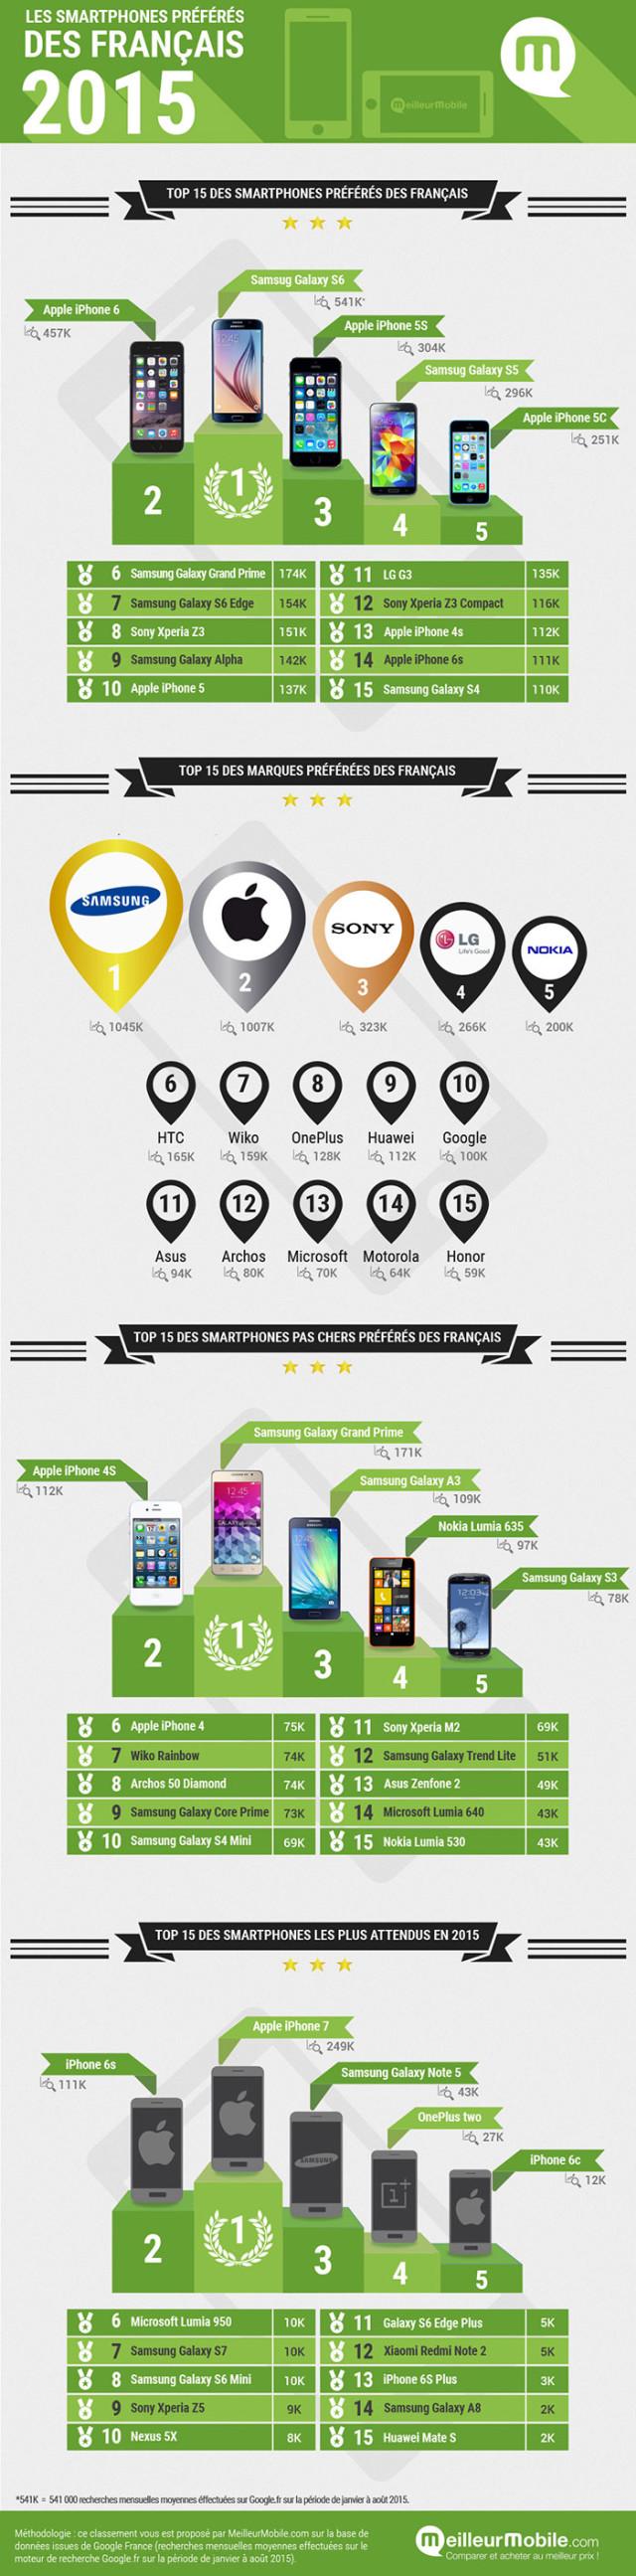 Infographie MeilleurMobile